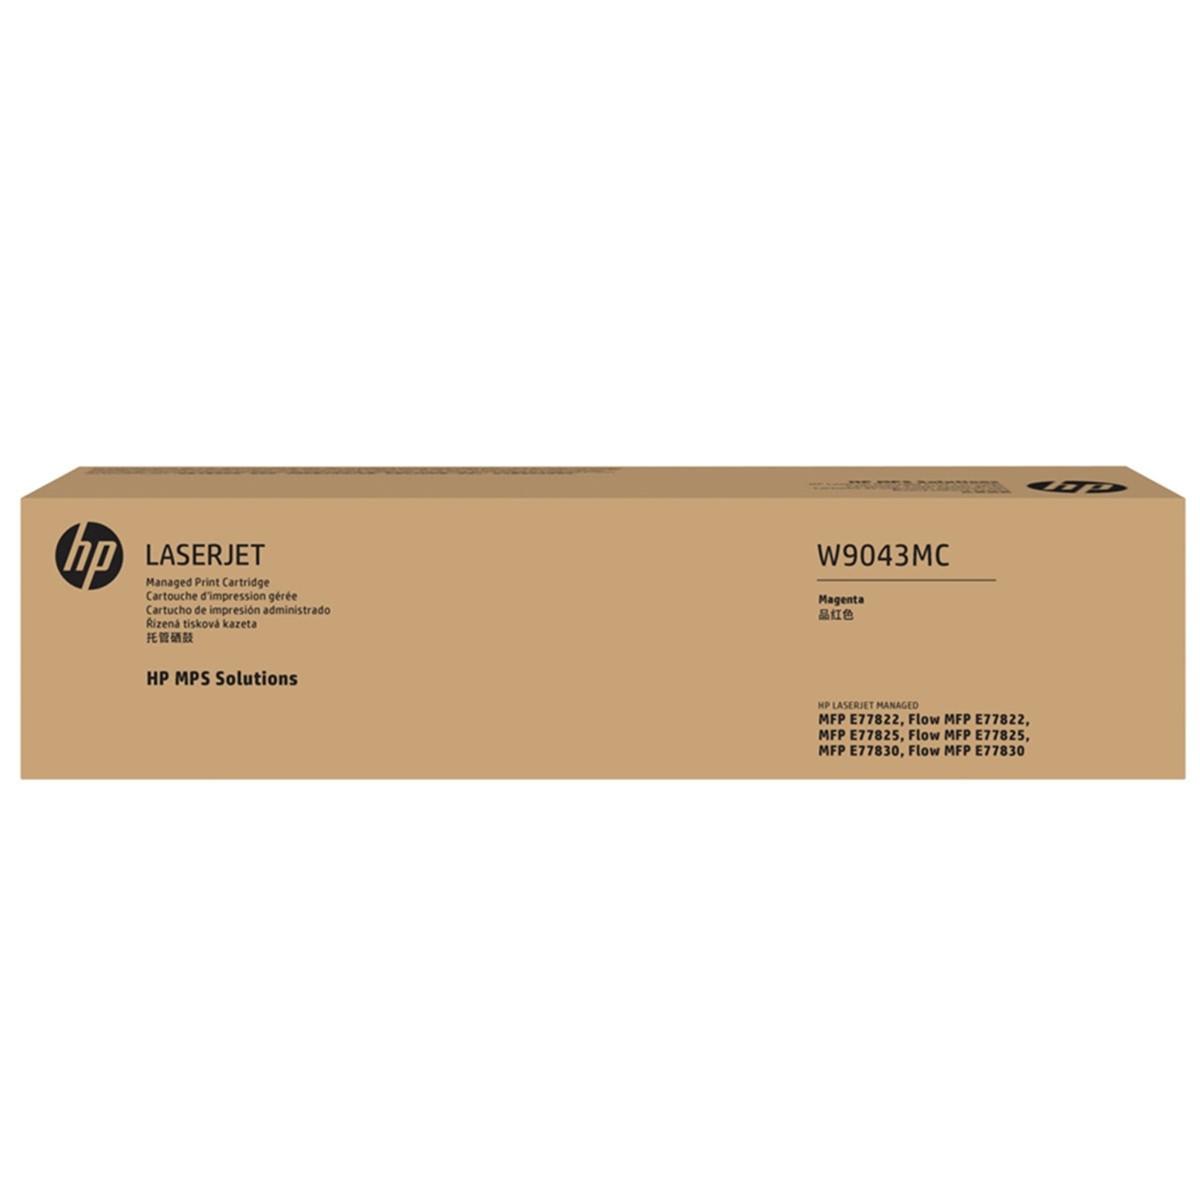 TONER HP W9043MC E778 MAGENTA | MFP E77825DN E77822 E77830 | ORIGINAL 32K